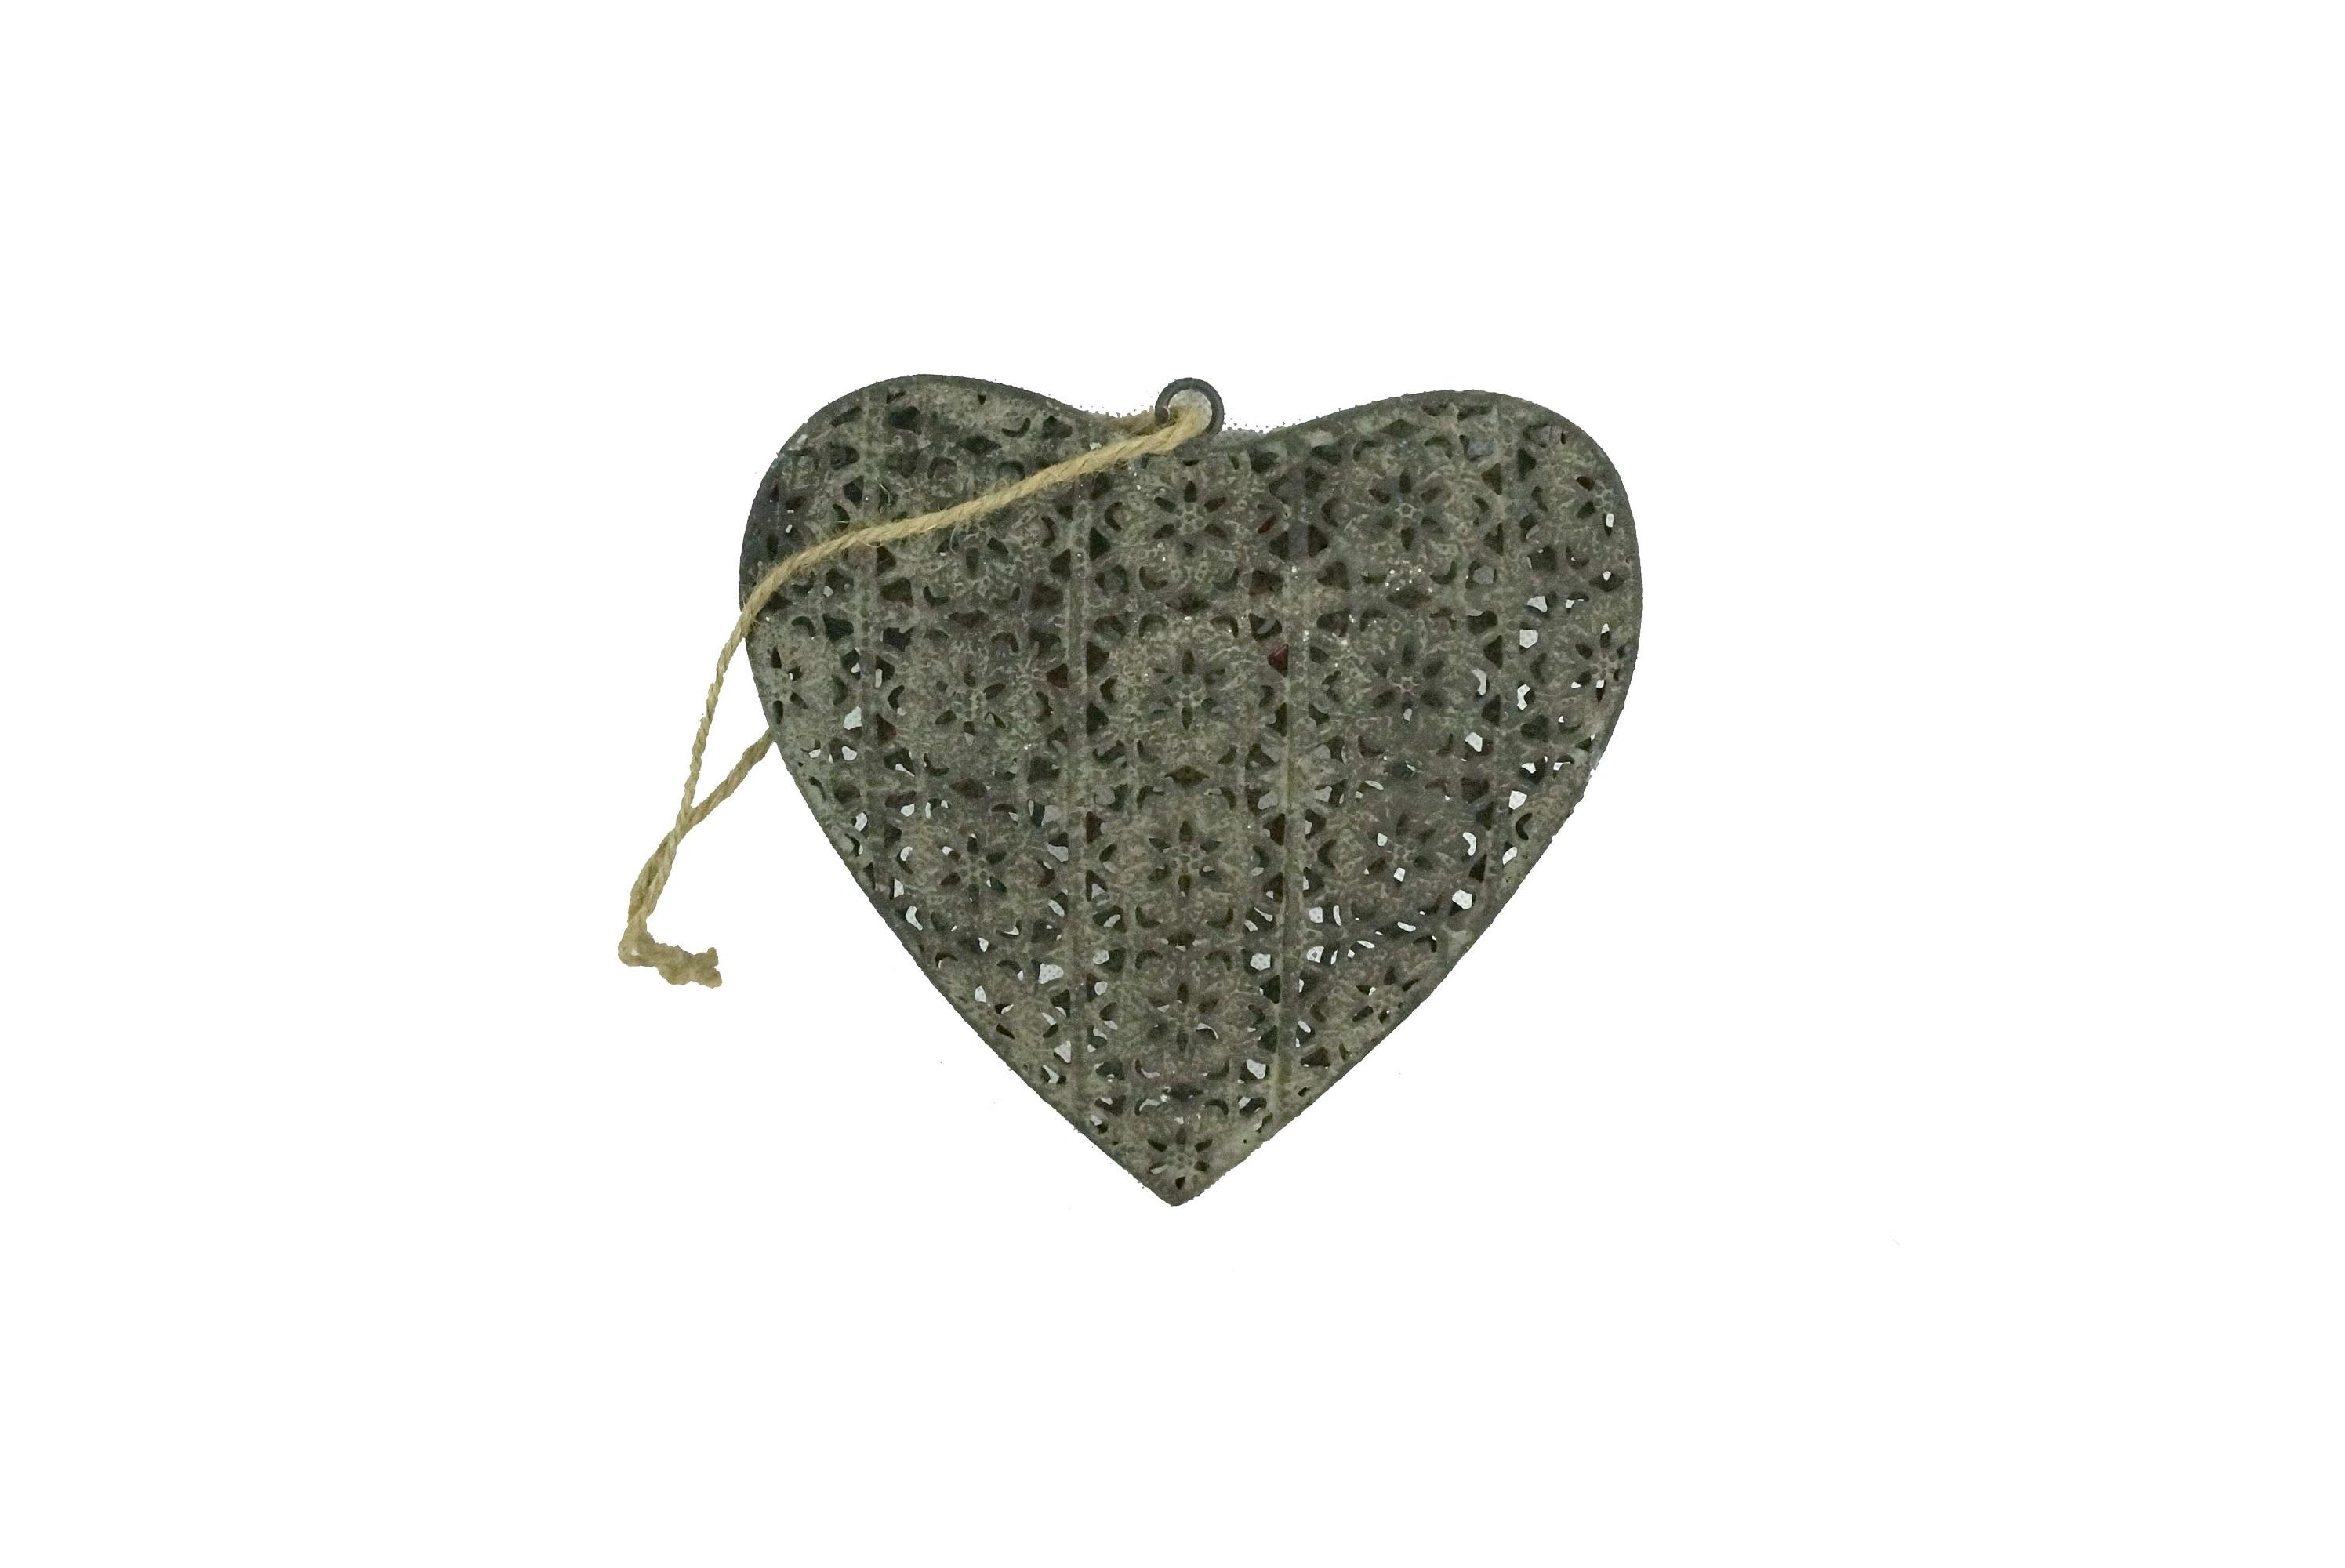 Декоративная подвеска HeartДругое<br><br><br>Material: Железо<br>Length см: None<br>Width см: 16<br>Depth см: 3<br>Height см: 16